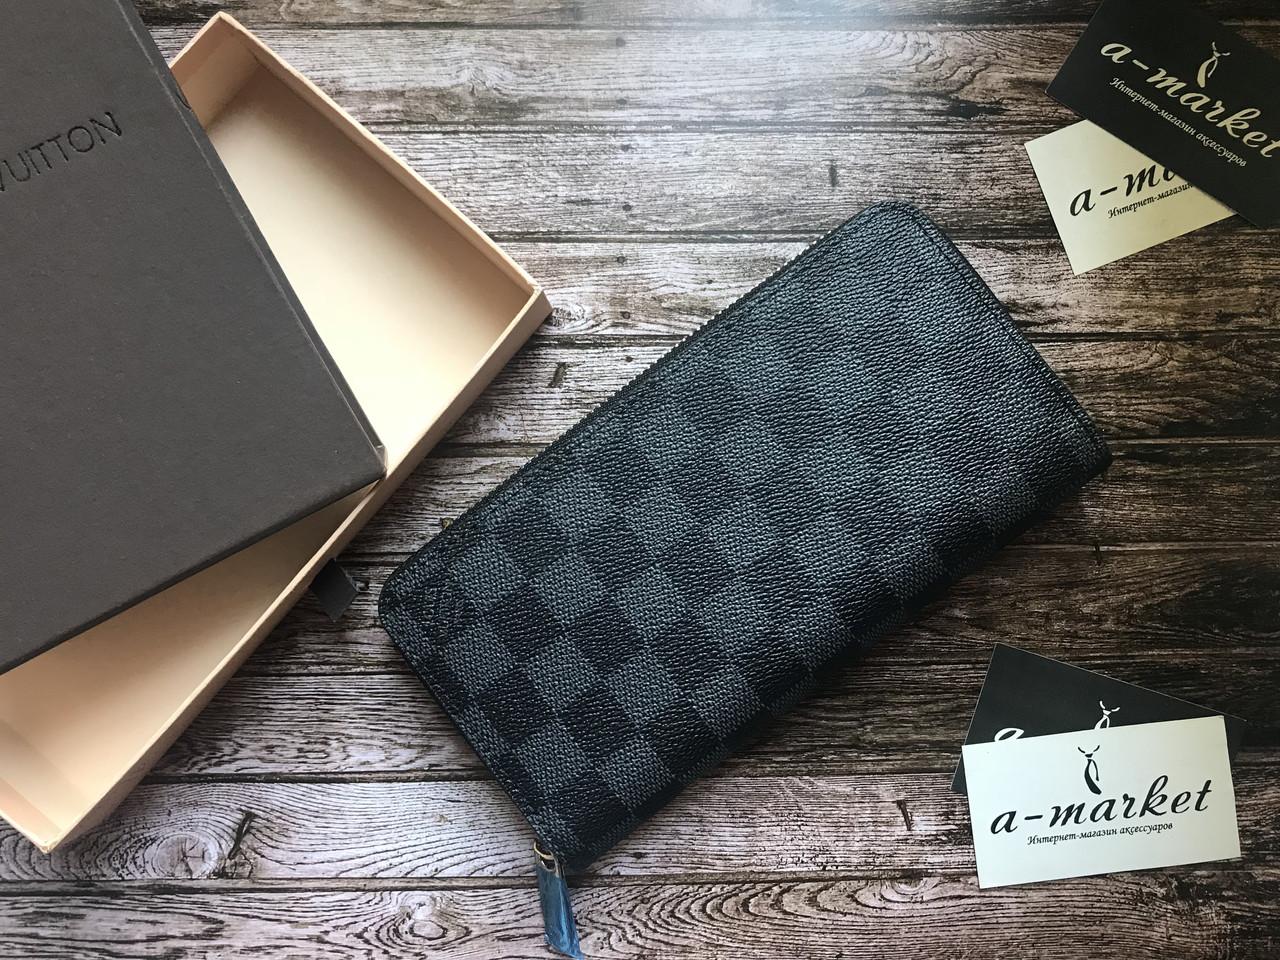 42da1bf9f0c4 Кошелек клатч портмоне бумажник серый мужской женский Louis Vuitton Damier  Graffit премиум реплика - AMARKET -